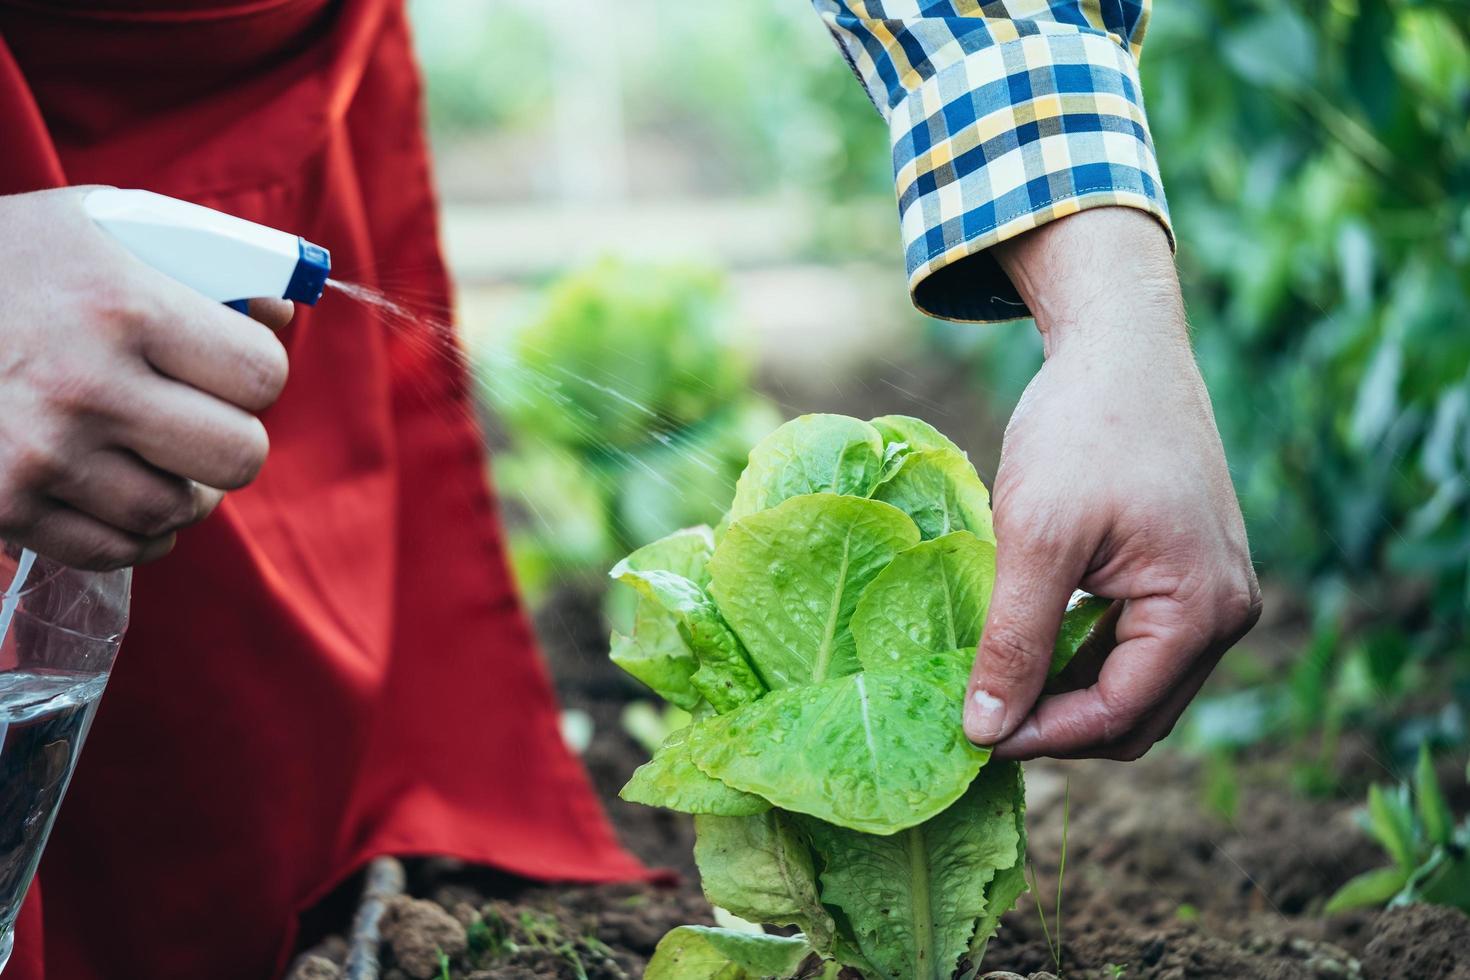 Farmer watering a lettuce plant in an organic farming field photo